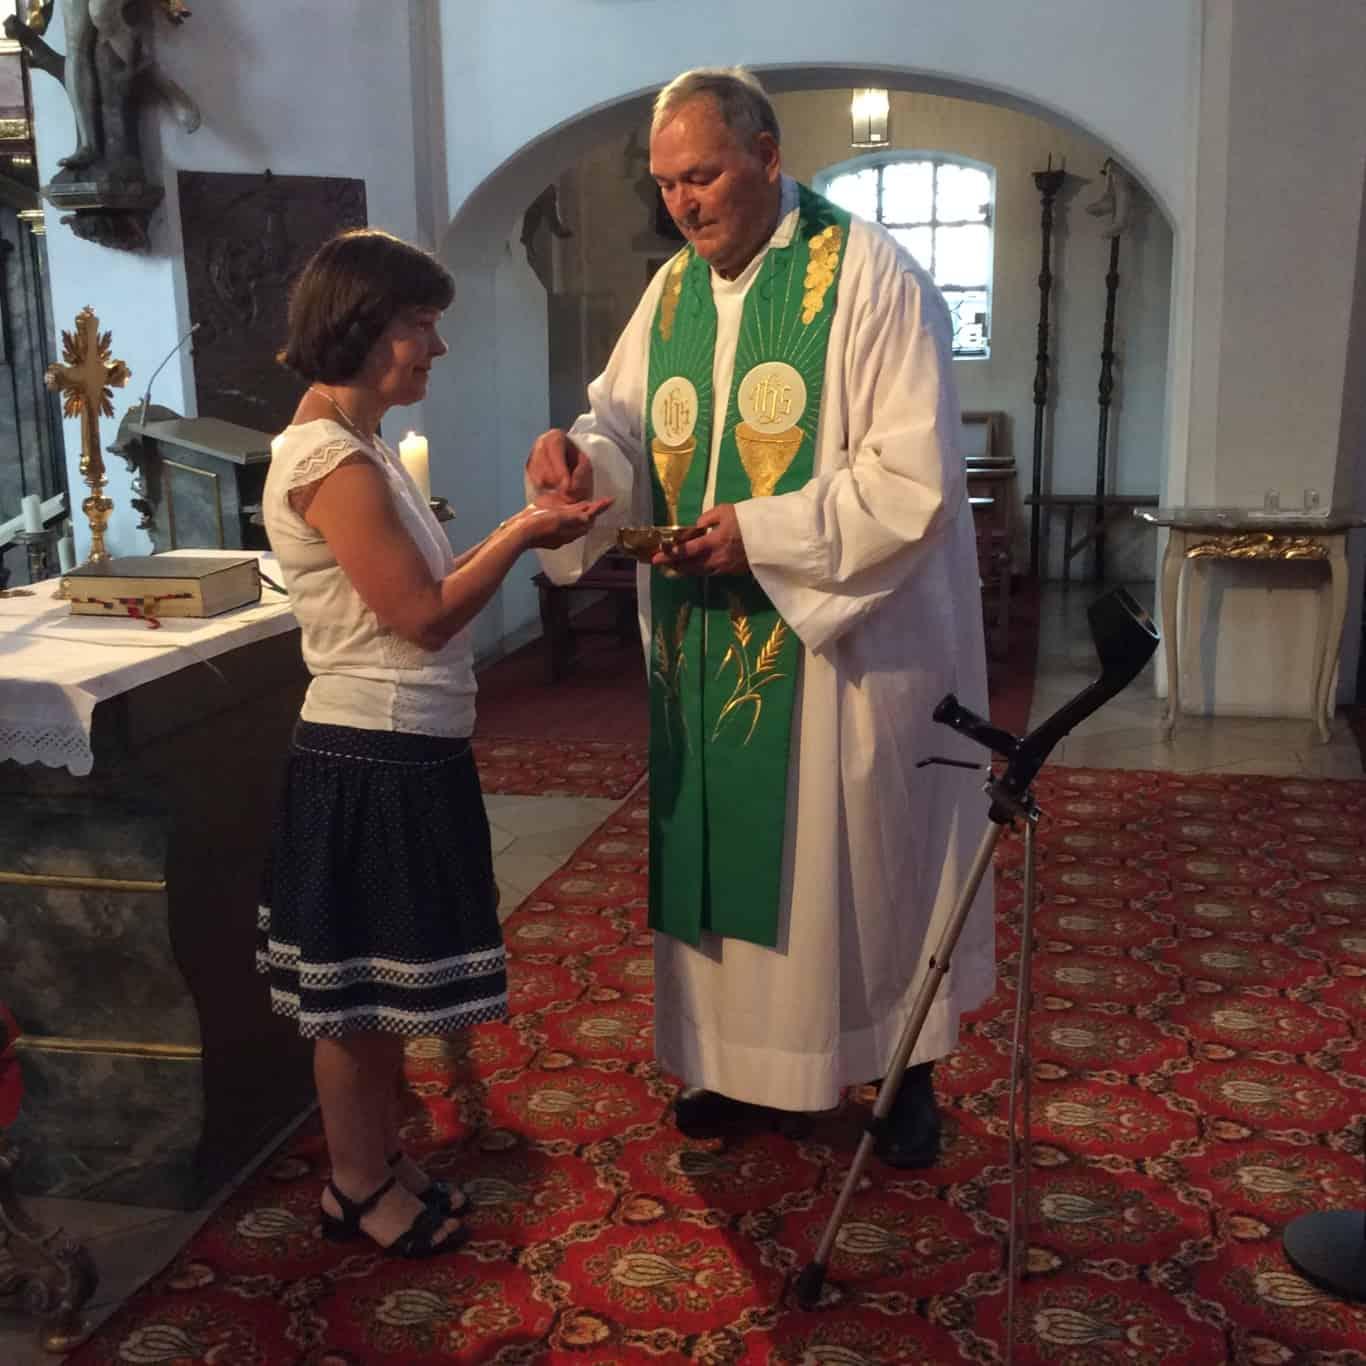 Krücke im Alltag von Pfarrer Thiel